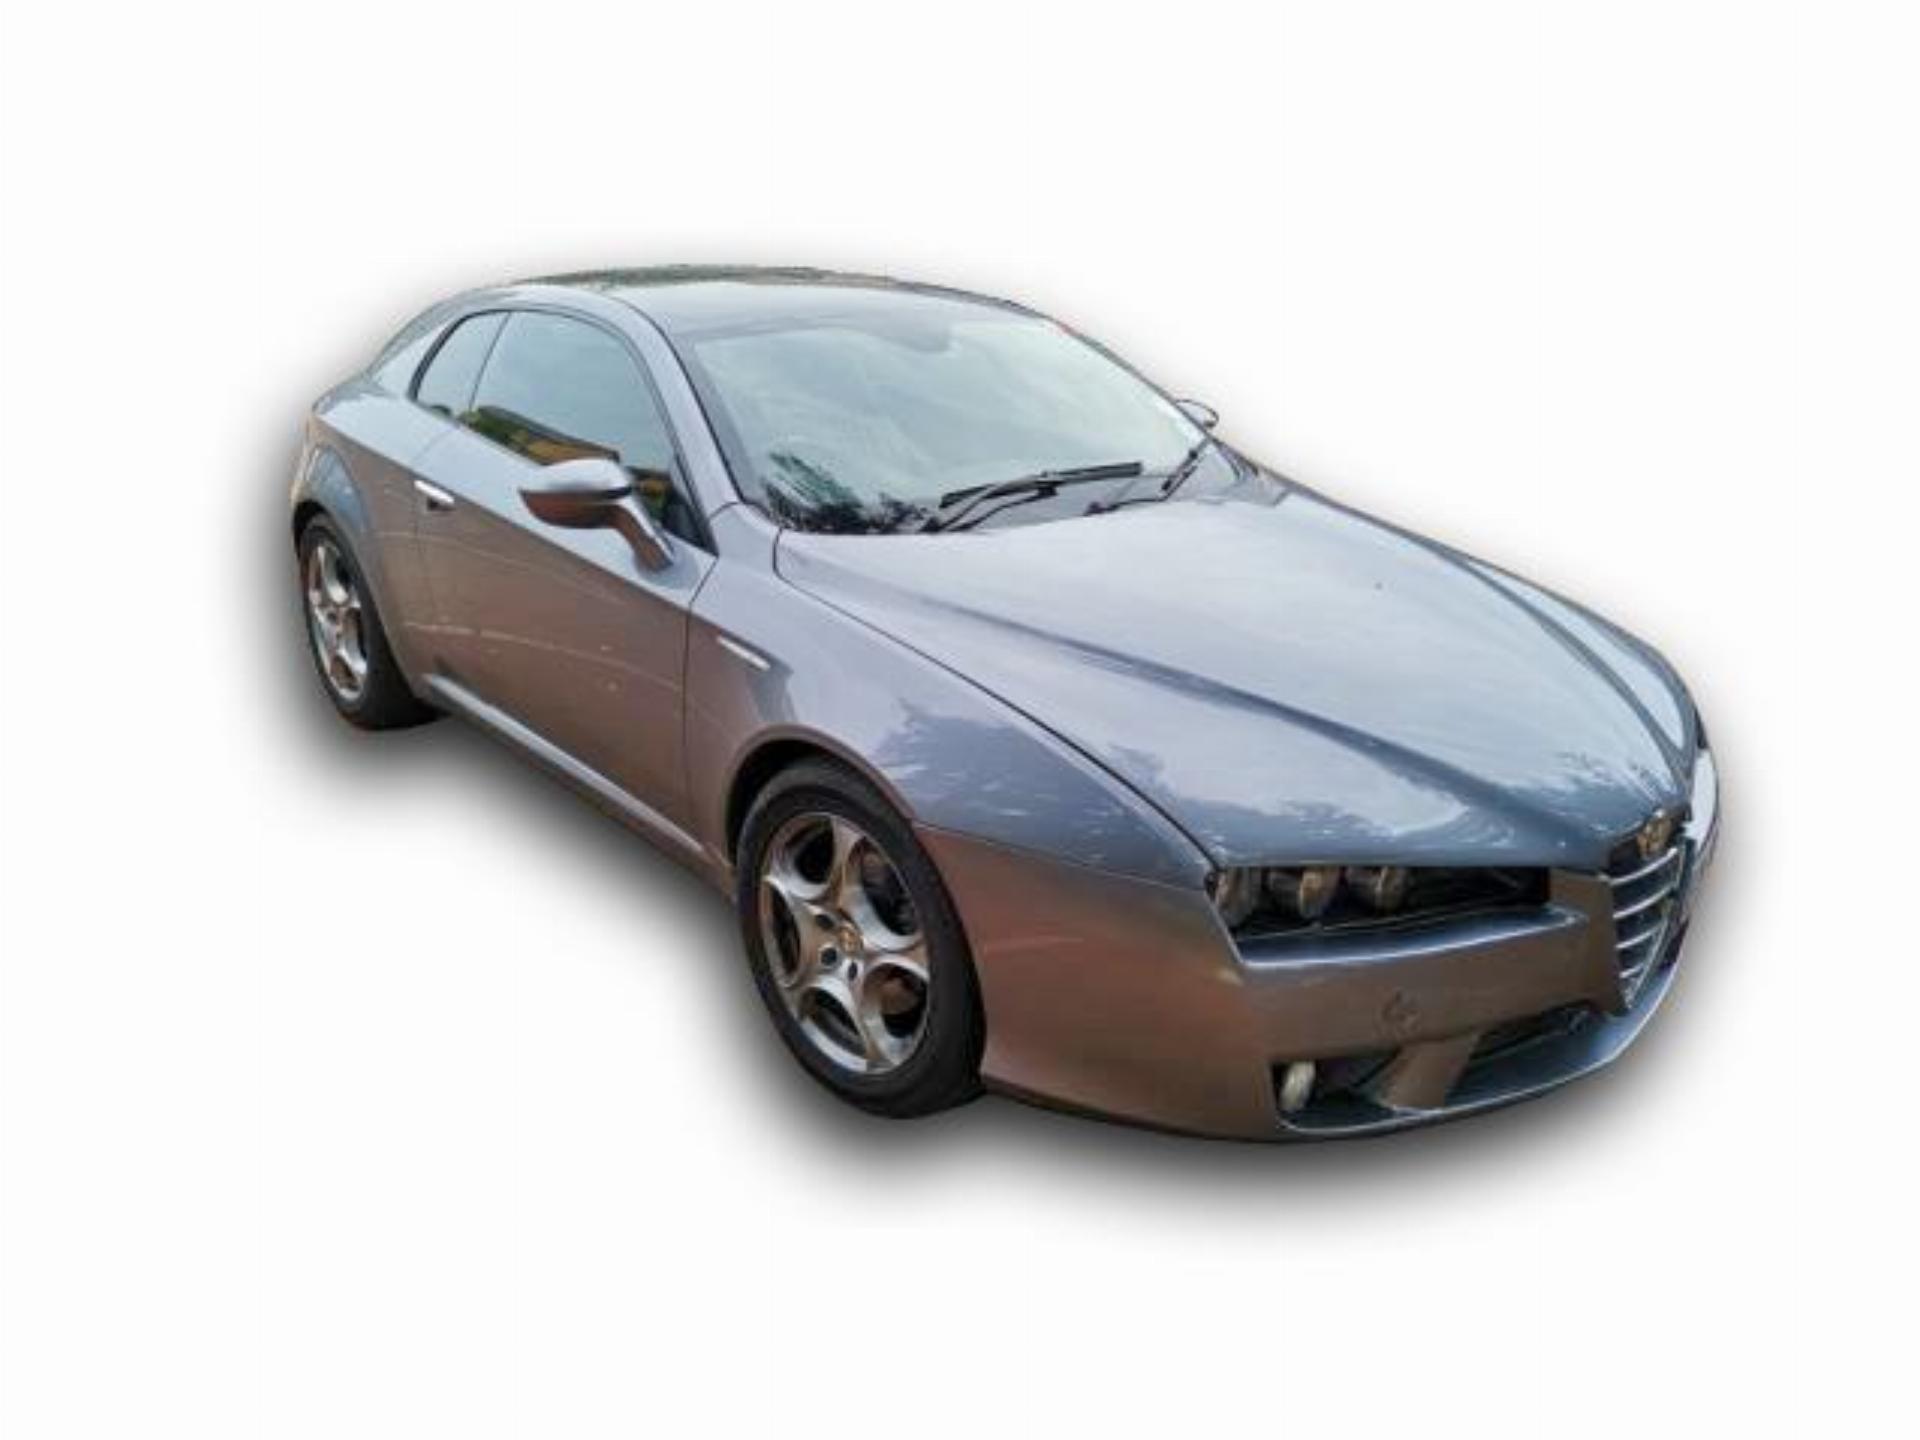 2006 Alfa Romeo Brera Coupe